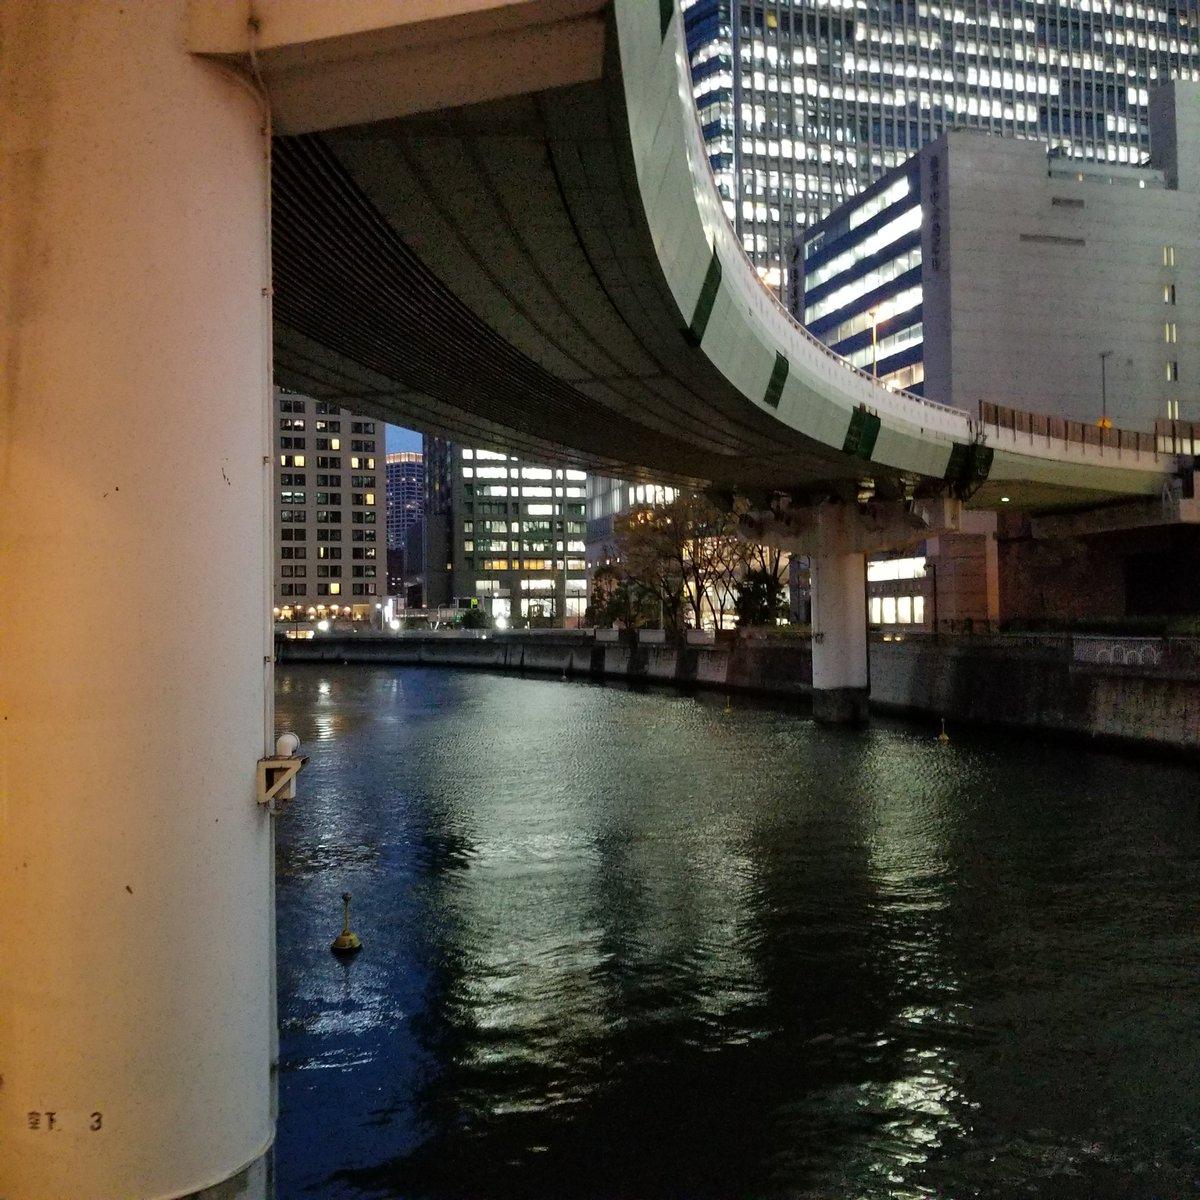 何だかシーバスが釣れそうな大阪駅?梅田駅?近くの河。 https://t.co/KwGBvol3jt